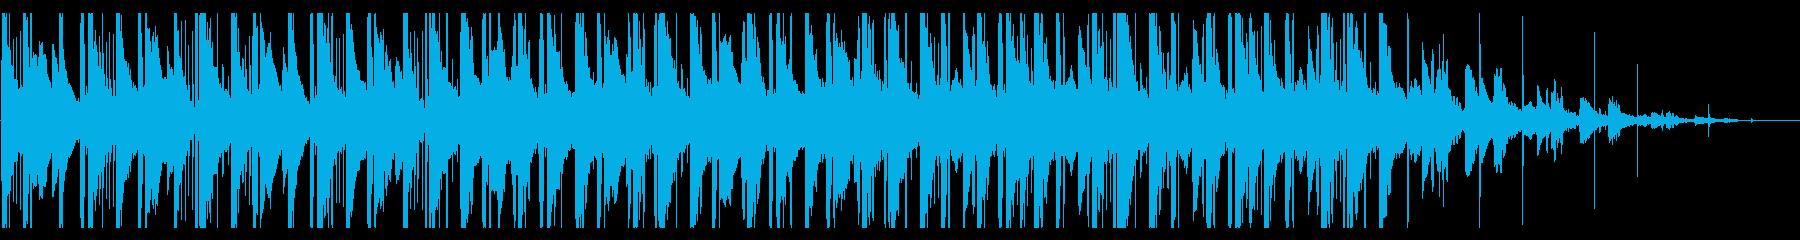 不気味/Hiphop_No411_3の再生済みの波形